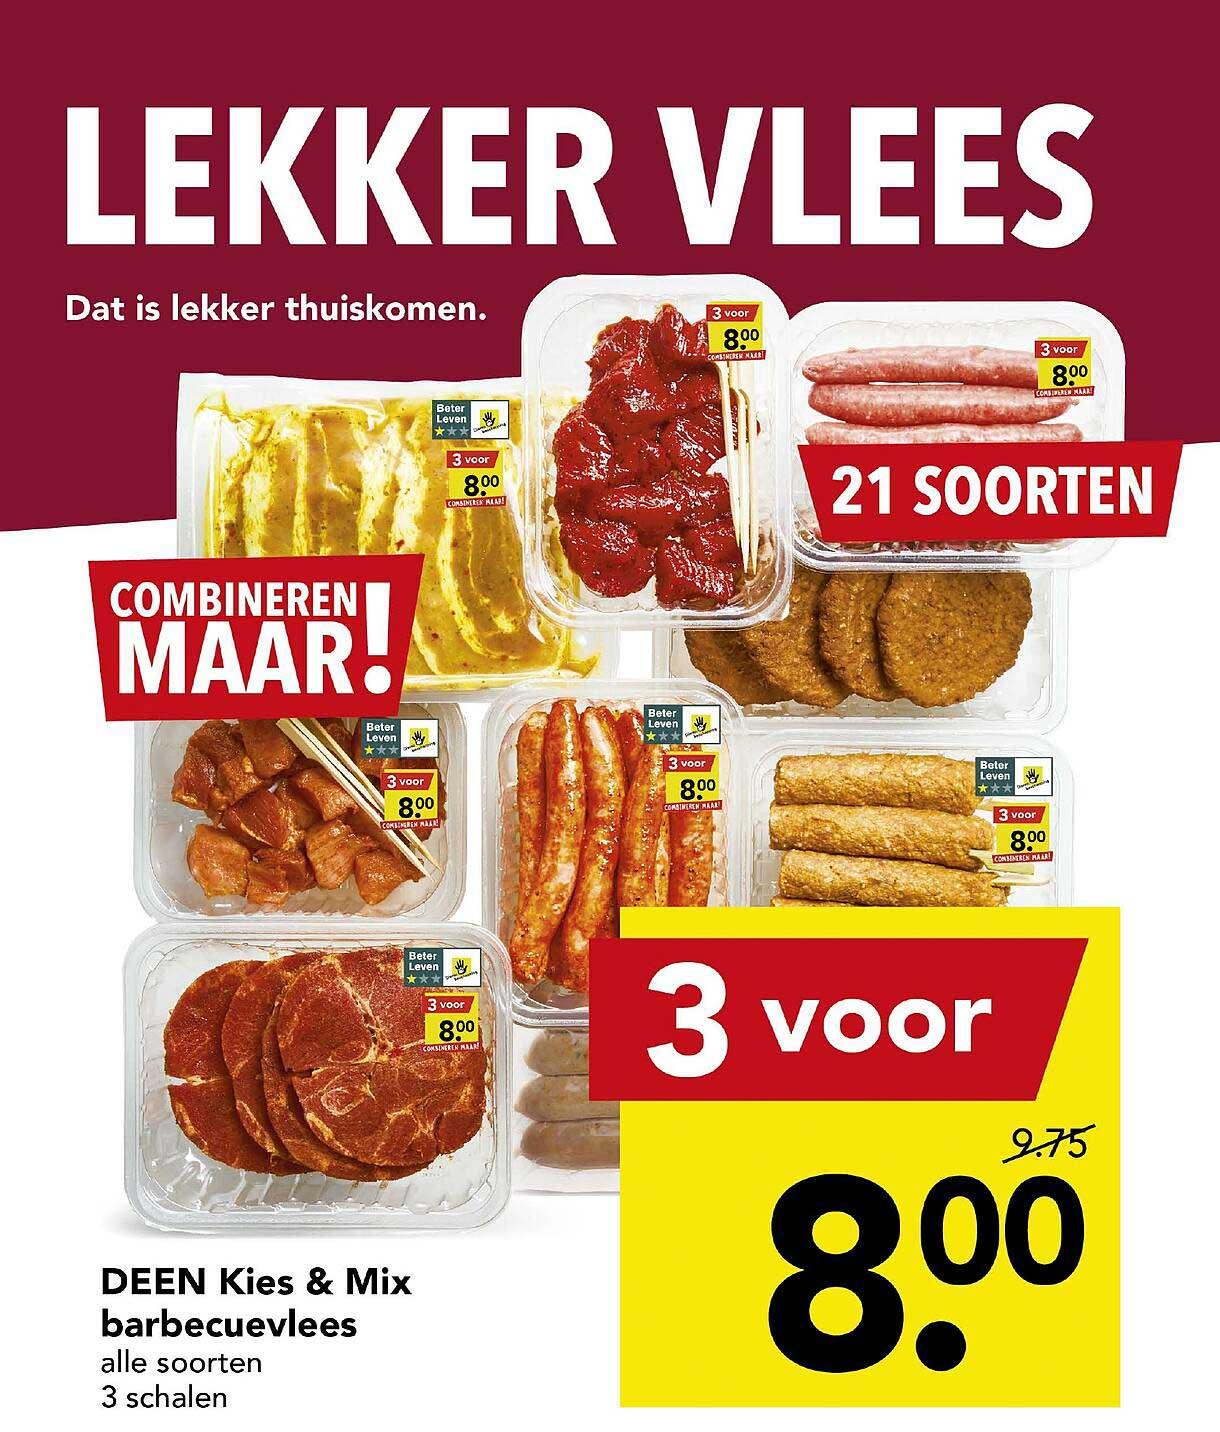 DEEN Deen Kies & Mix Barbecuevlees